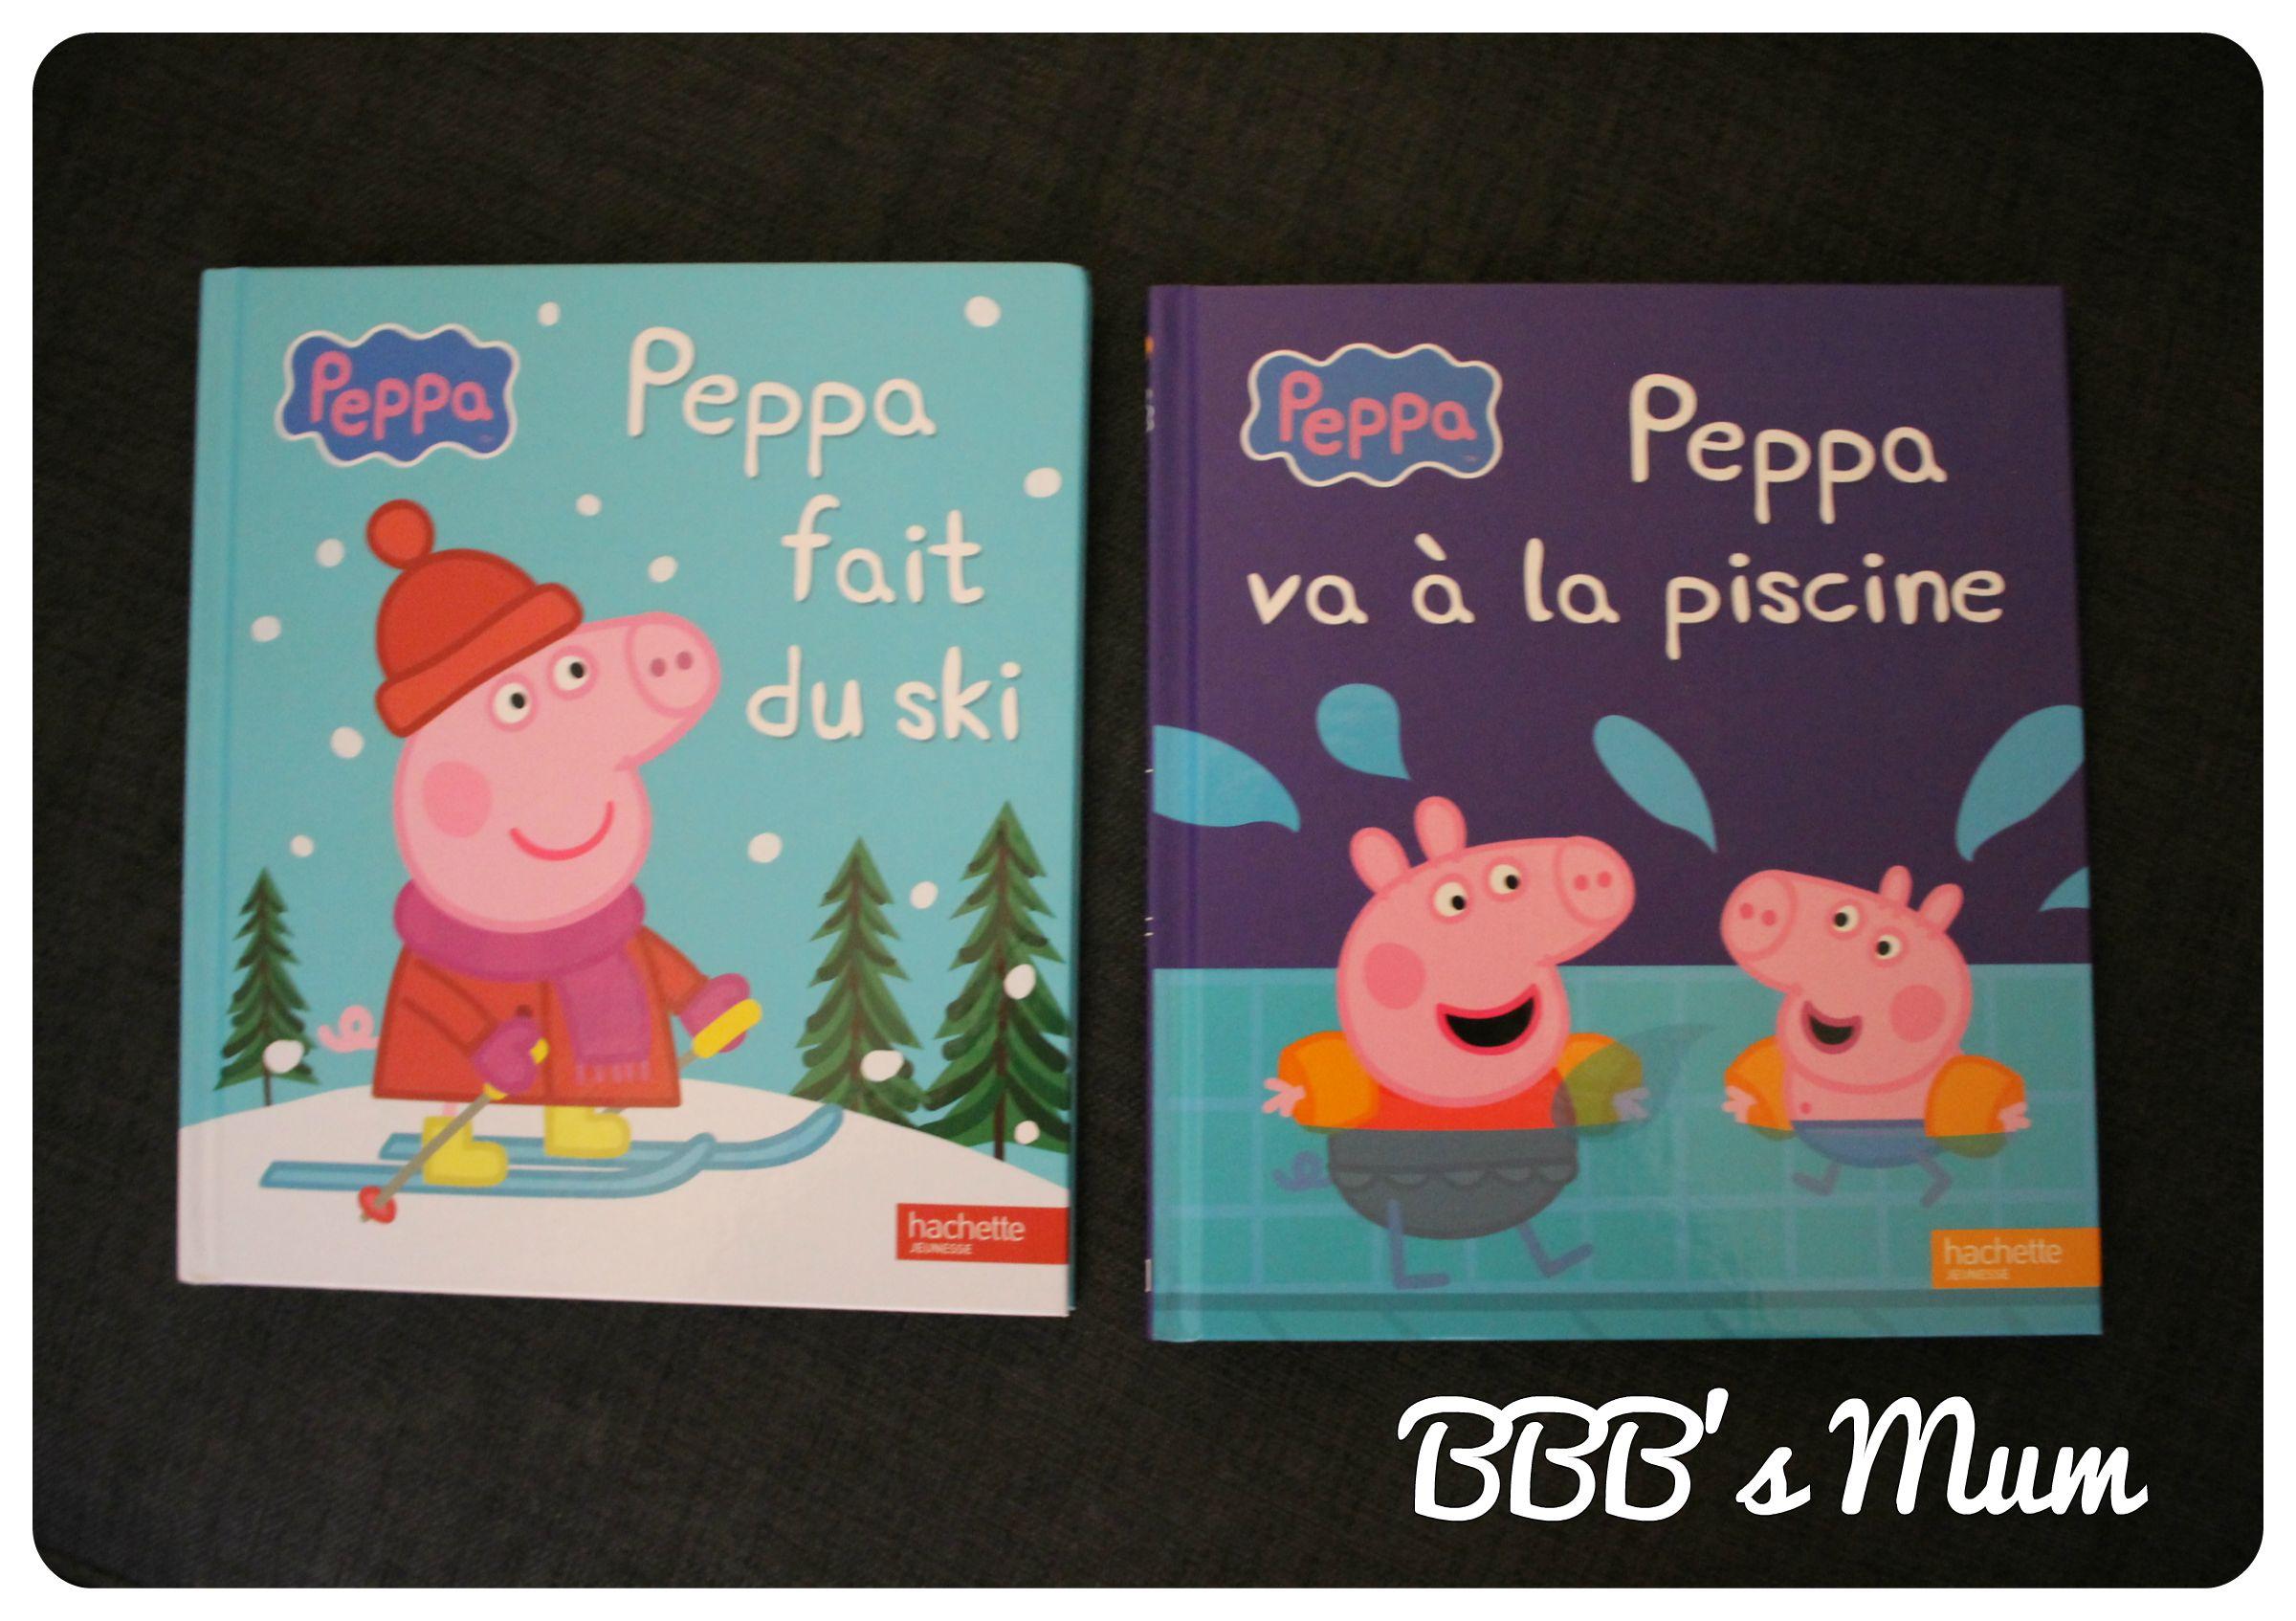 Peppa Pig Fait Son Entrée Dans Notre Bibliothèque | Bbb's Mum avec Peppa Pig À La Piscine